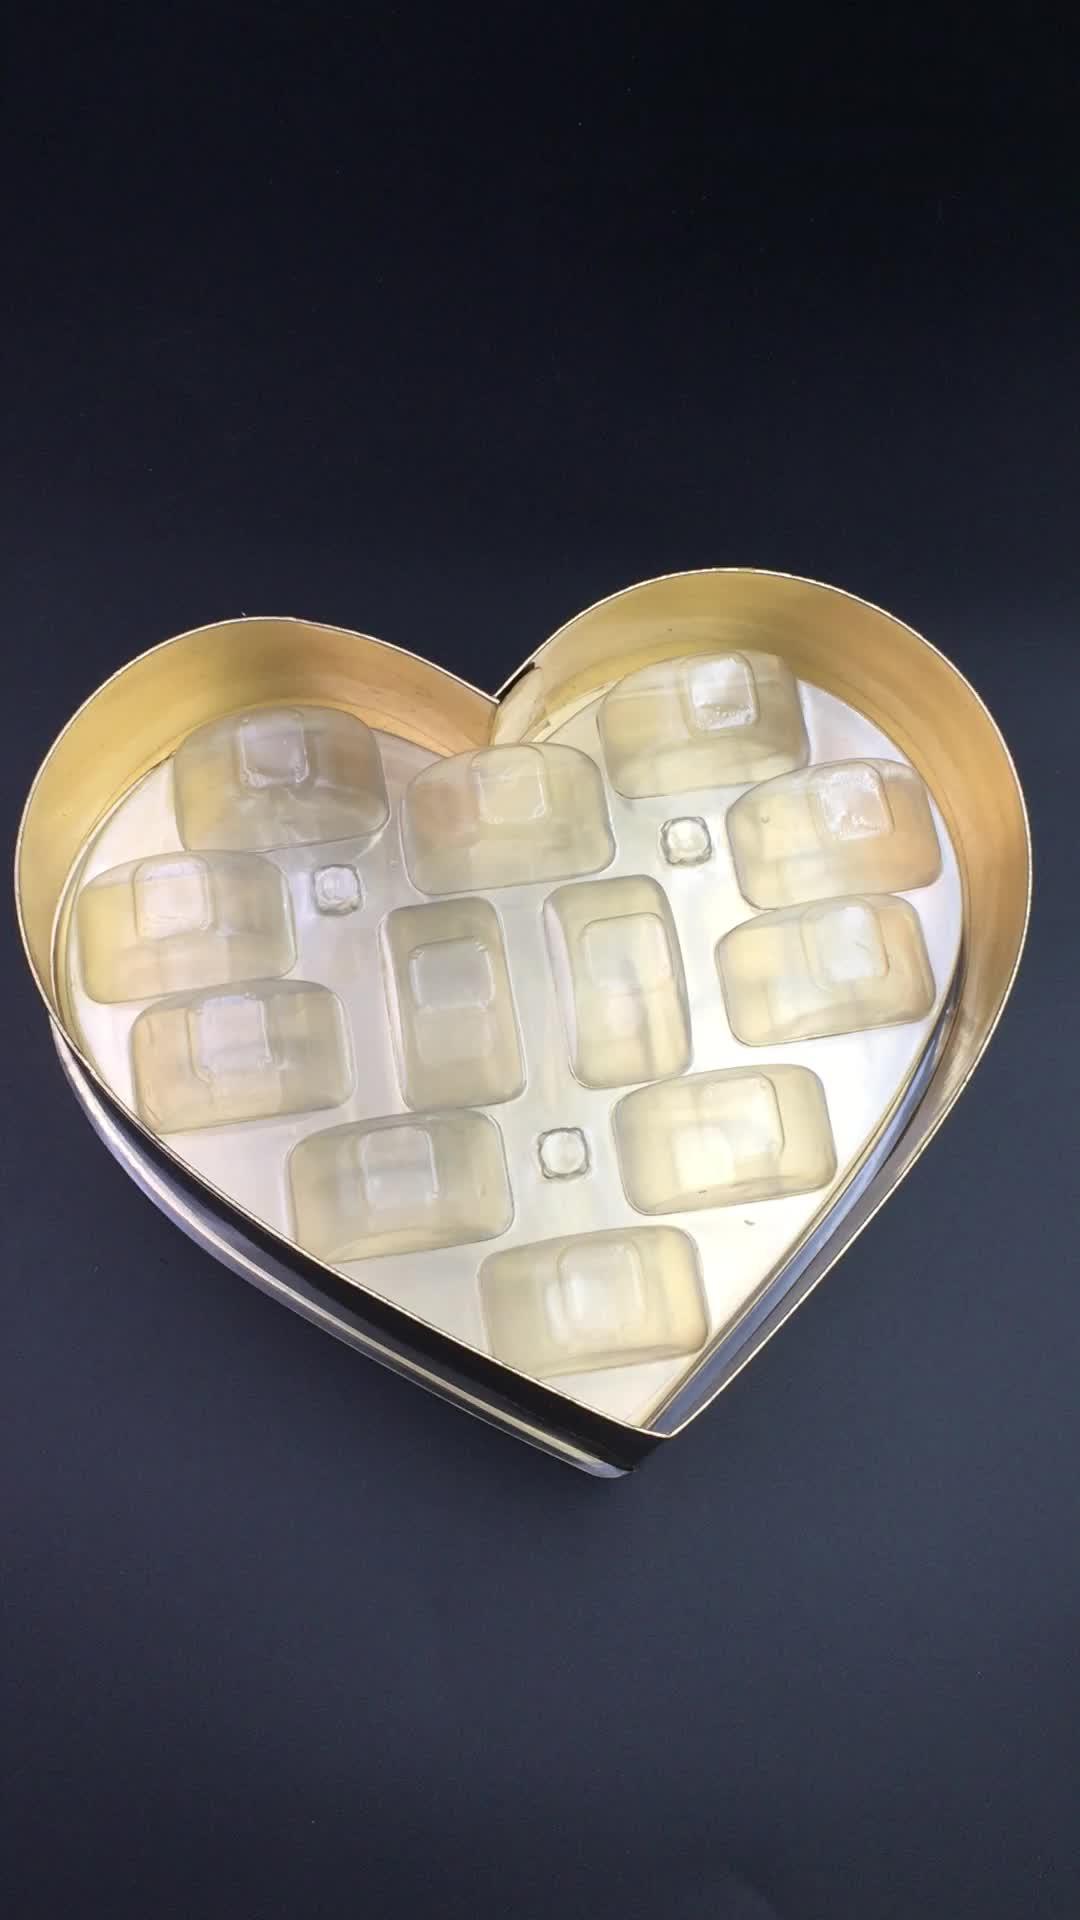 Macarons ที่กำหนดเองพลาสติกช็อกโกแลตบรรจุภัณฑ์ของขวัญกล่อง